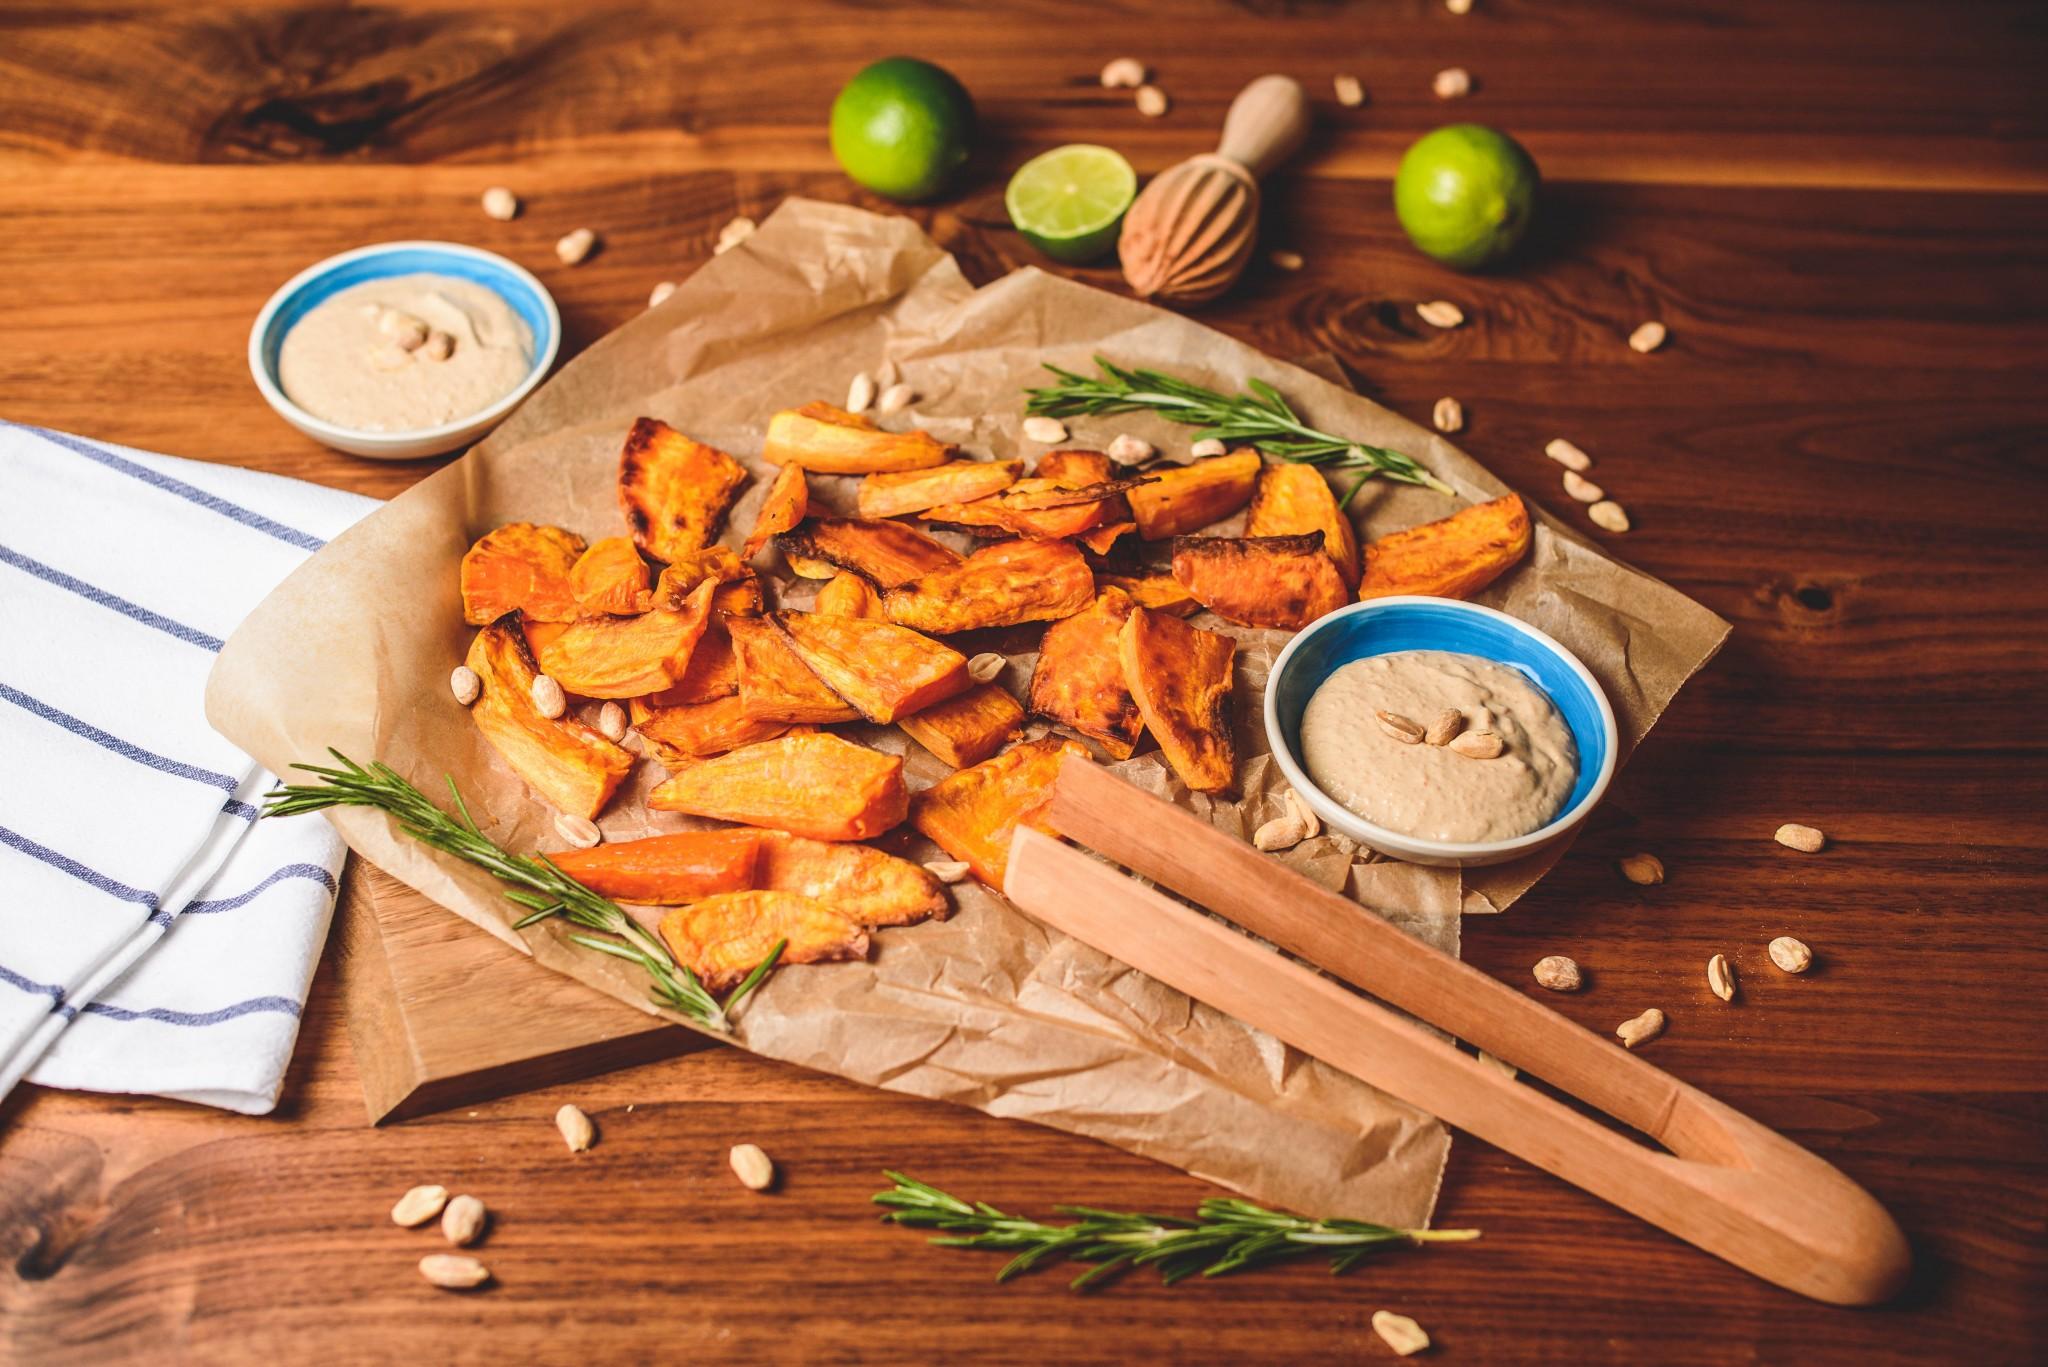 Süsskartoffel-Wedges mit Erdnussdip